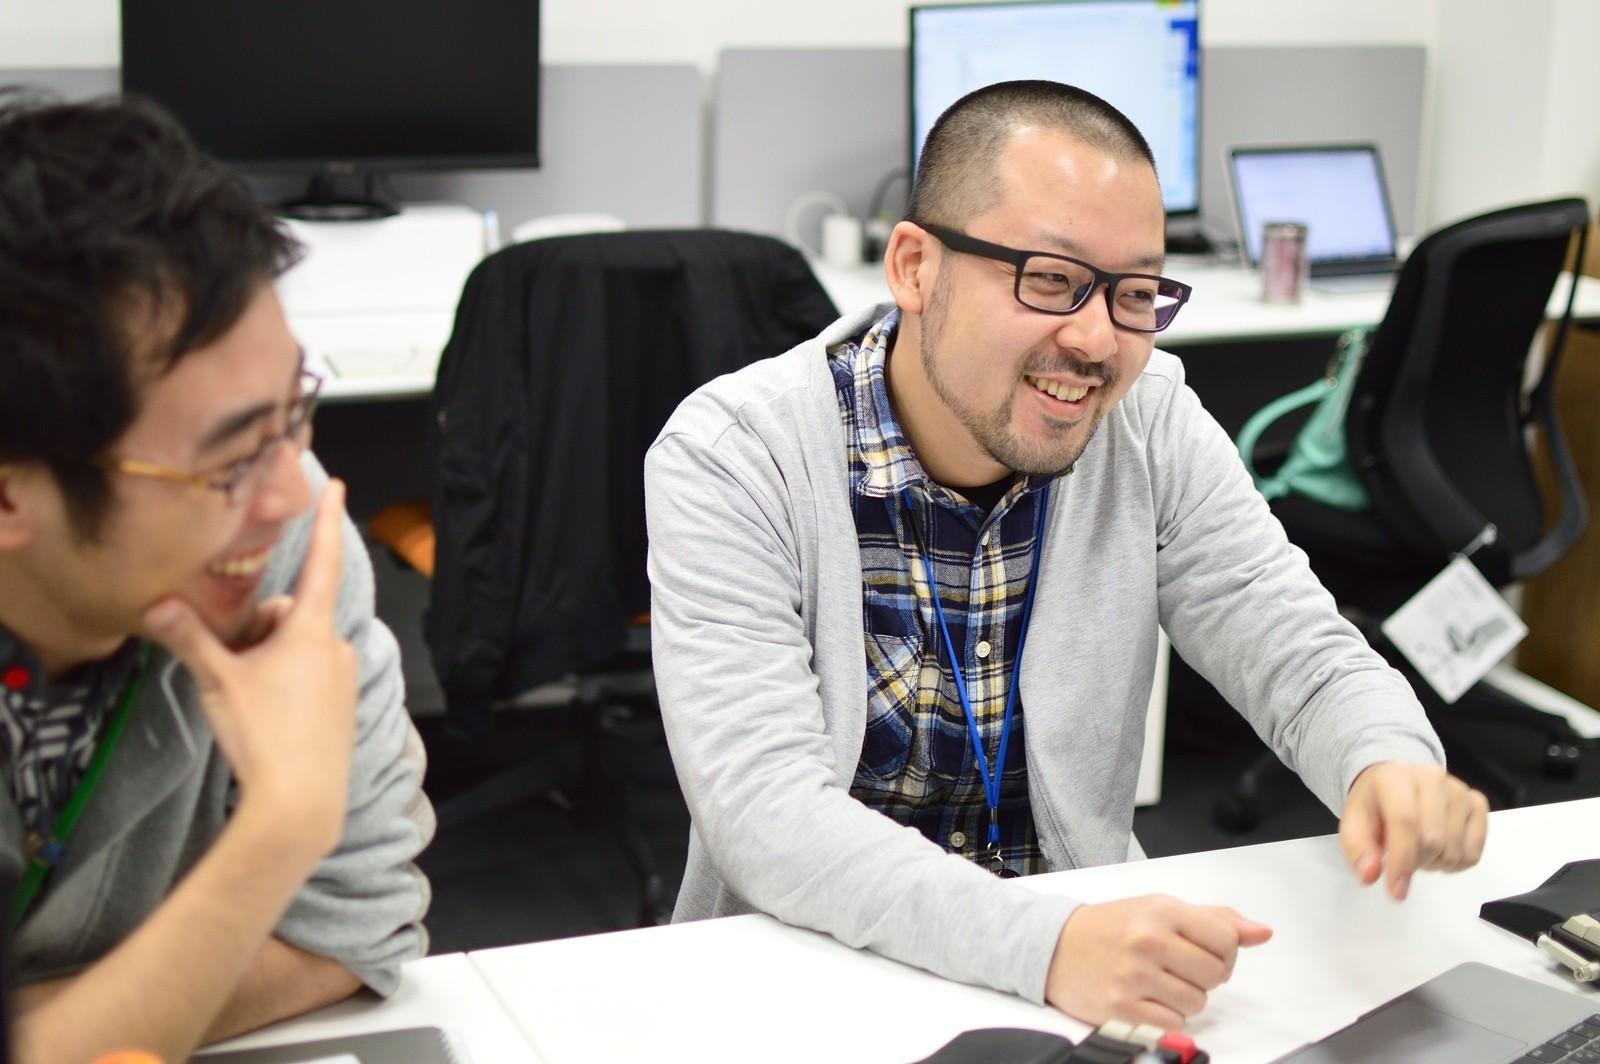 【バックエンドエンジニア】 「働き方改革」の先を目指す次期サービスを創る、スタートアップメンバー募集!<ドメイン駆動開発を実践◎>